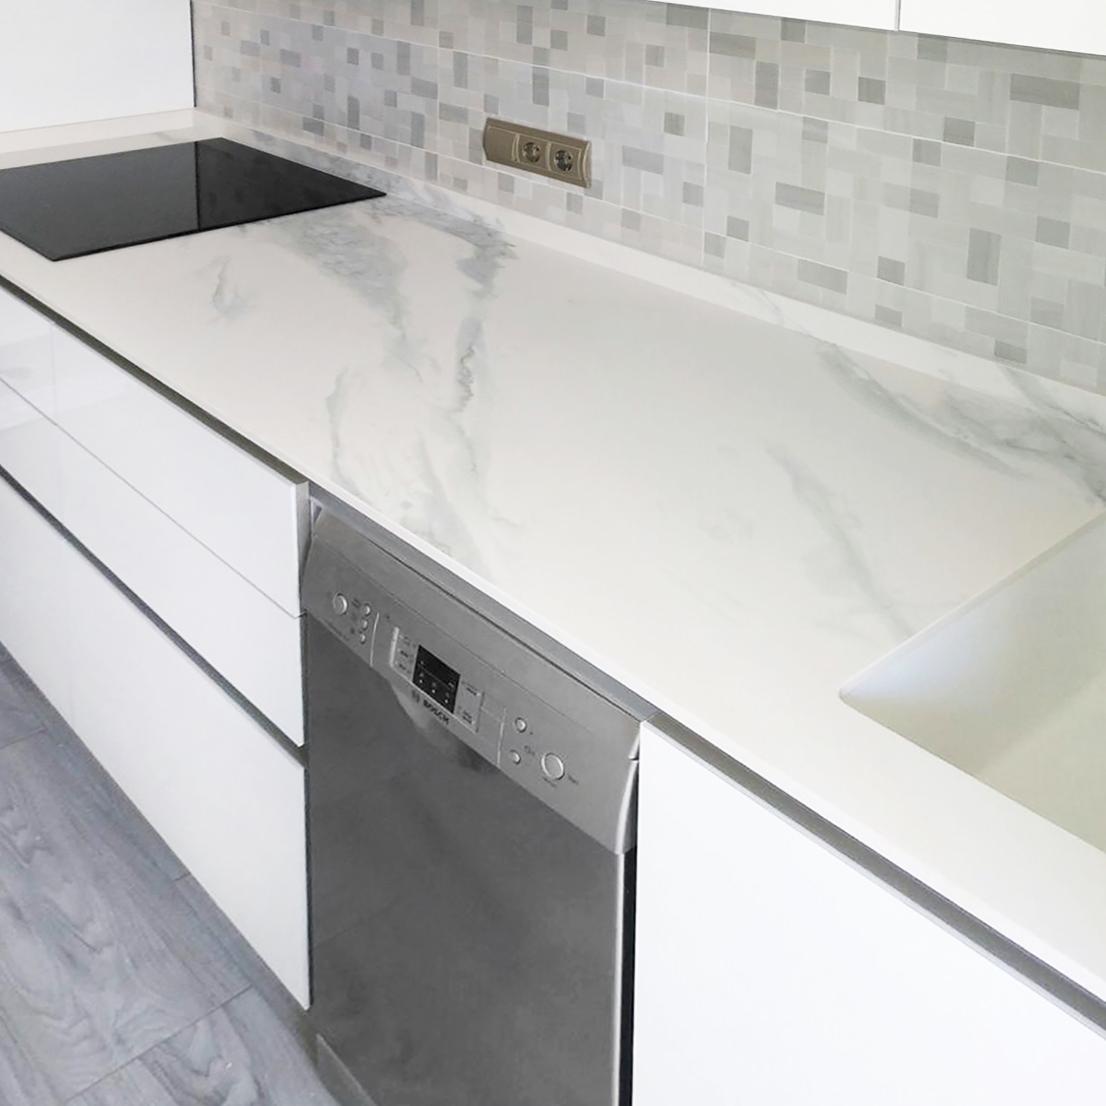 Encimeras instaladas selecci n de trabajos vol i - Encimeras de marmol precios ...